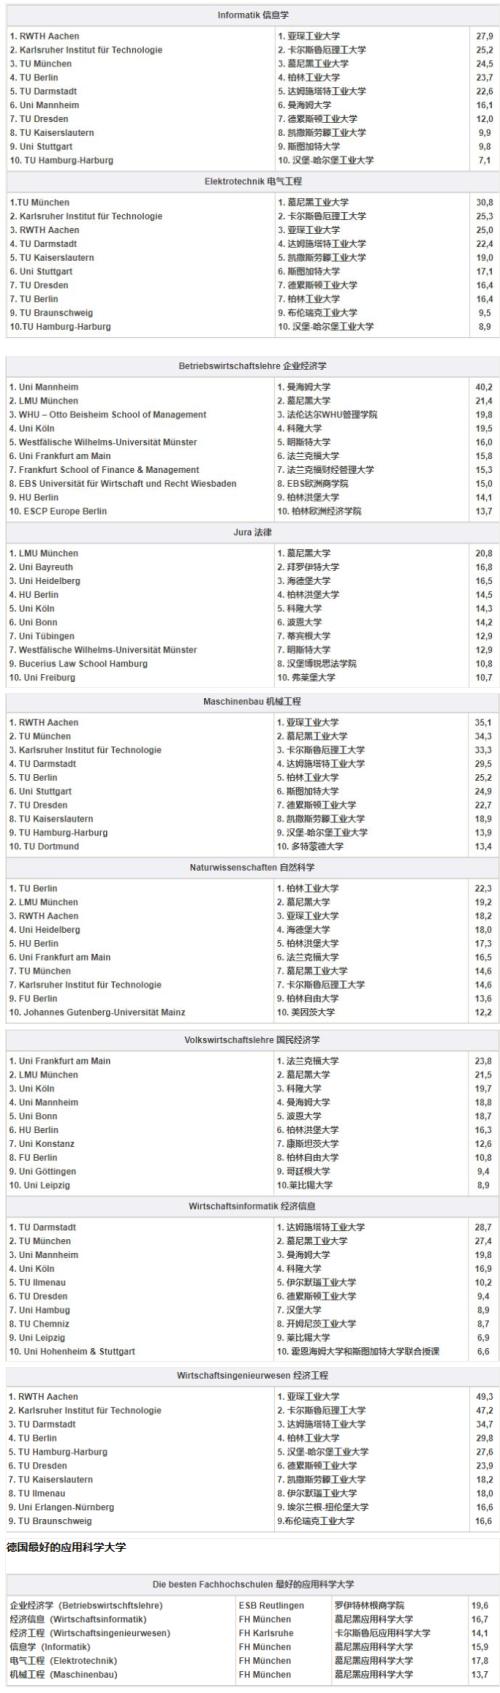 经济周刊发布的专业优势院校